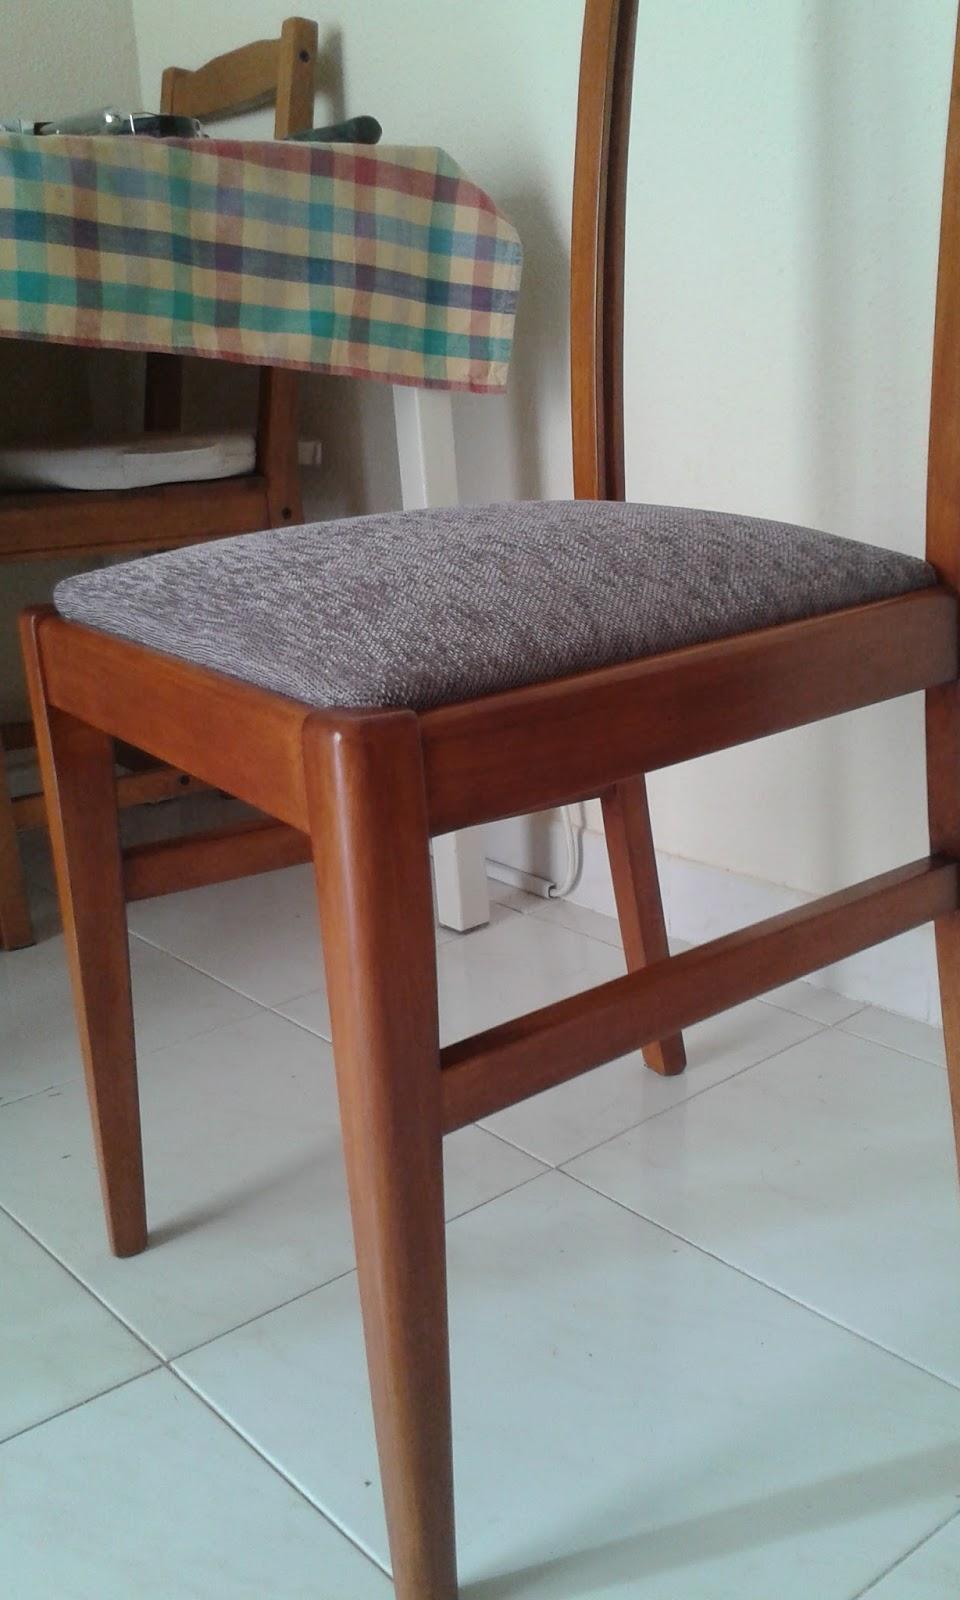 Muebleschulos como tapizar y transformar una silla - Como tapizar una silla con respaldo ...